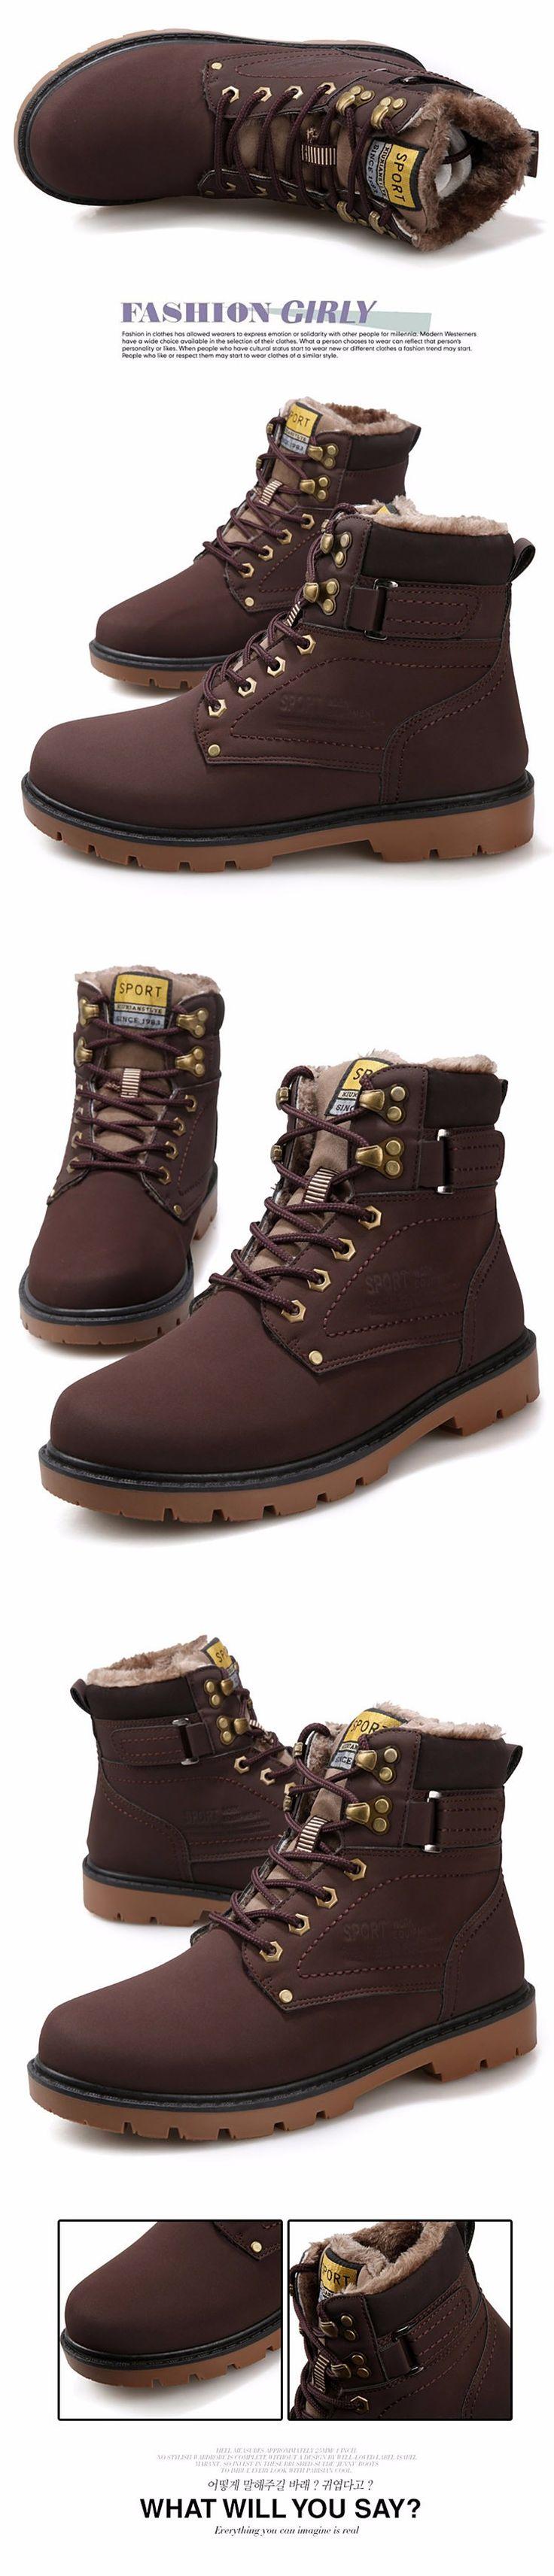 2016 Invierno de Los Hombres Calientes de La Pu de Cuero Del Tobillo Botas de Moto Hombres Otoño Zapatos Impermeables botas de Nieve Botas de Martin Del Ocio Botas Otoño Mens en   de   en AliExpress.com | Alibaba Group